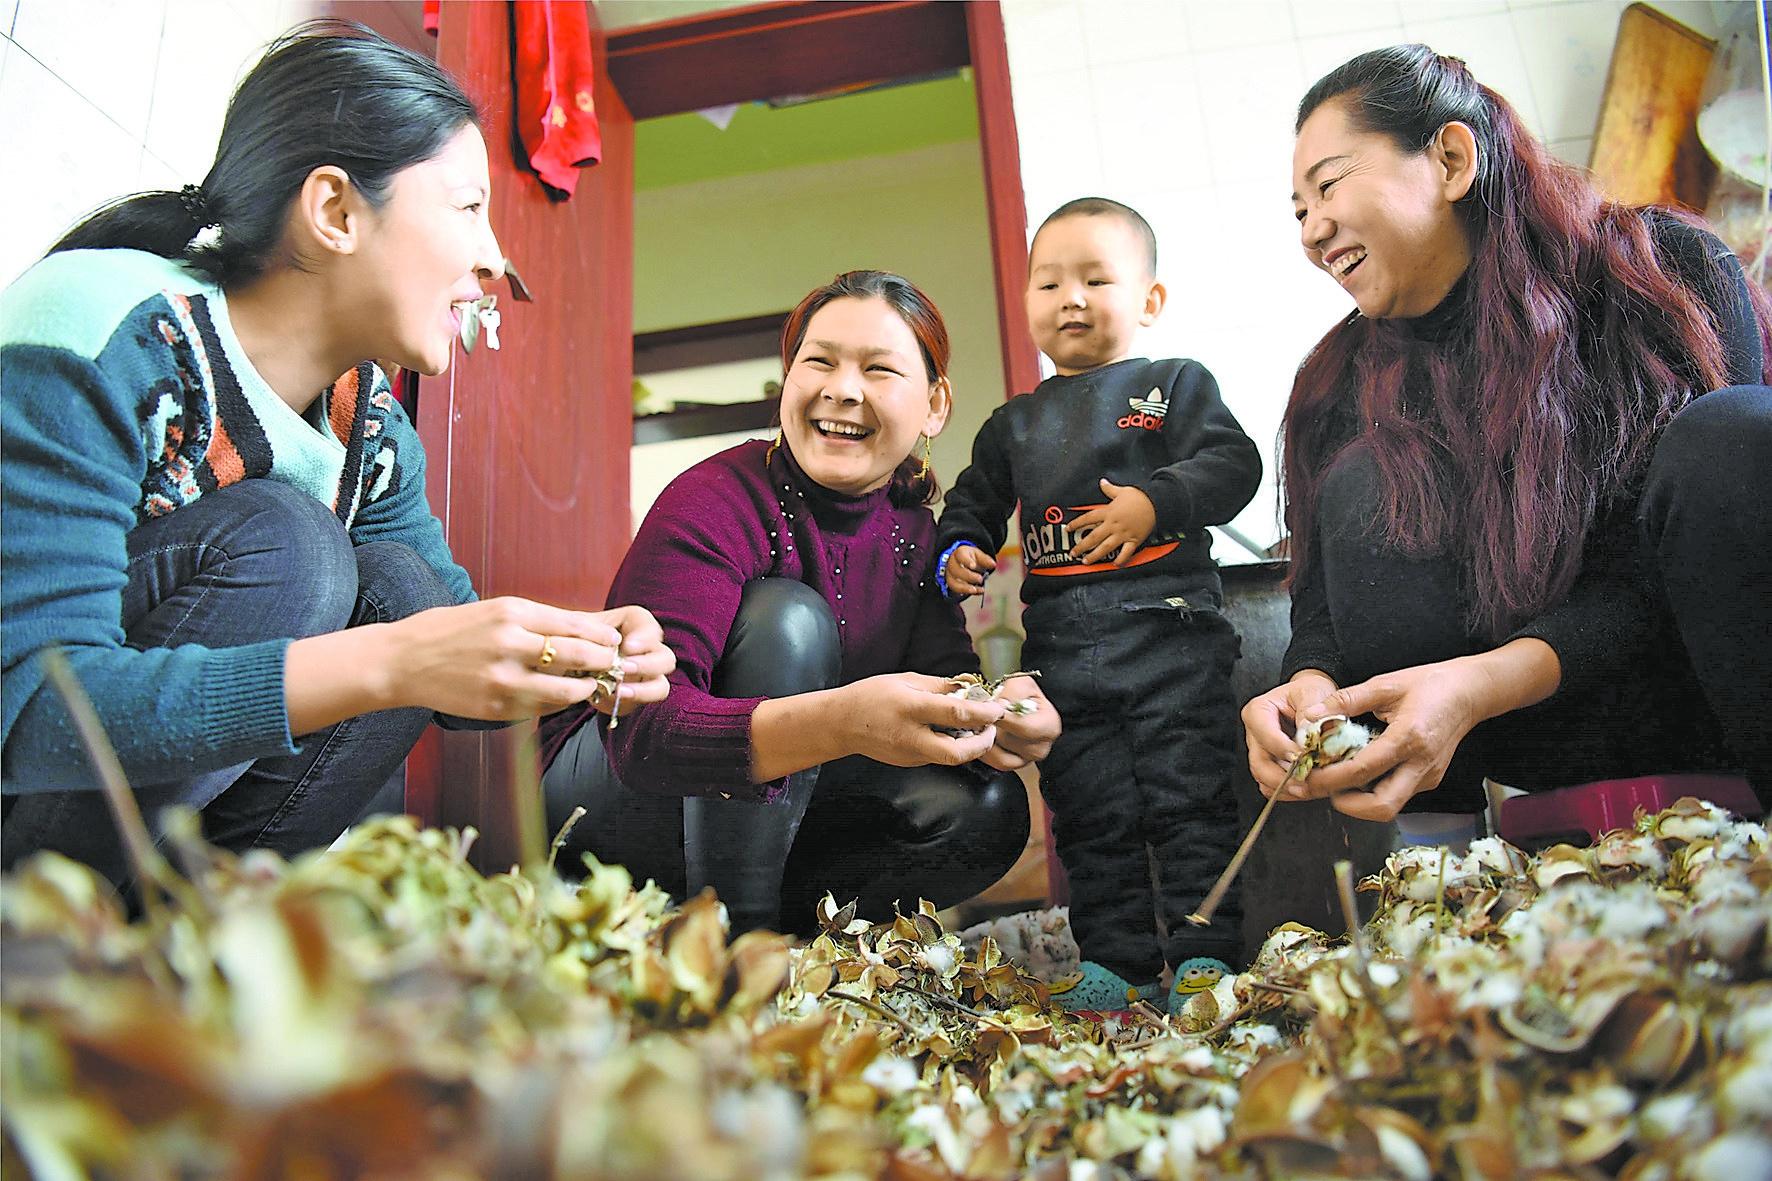 重庆时时彩最新规律:在交往交流交融中凝聚民心